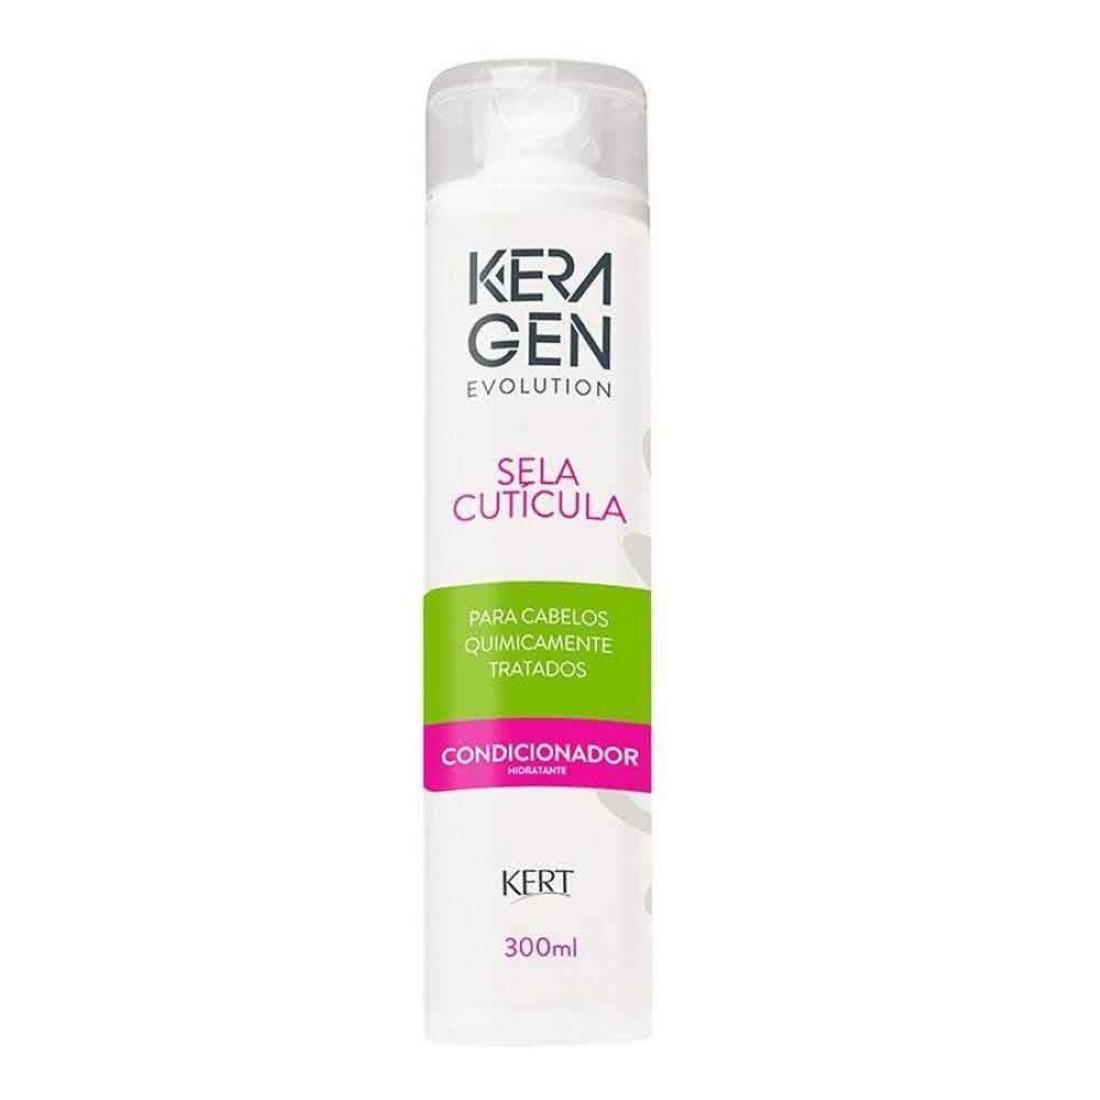 Condicionador Keragen Sela Cutícula 300g - Kert